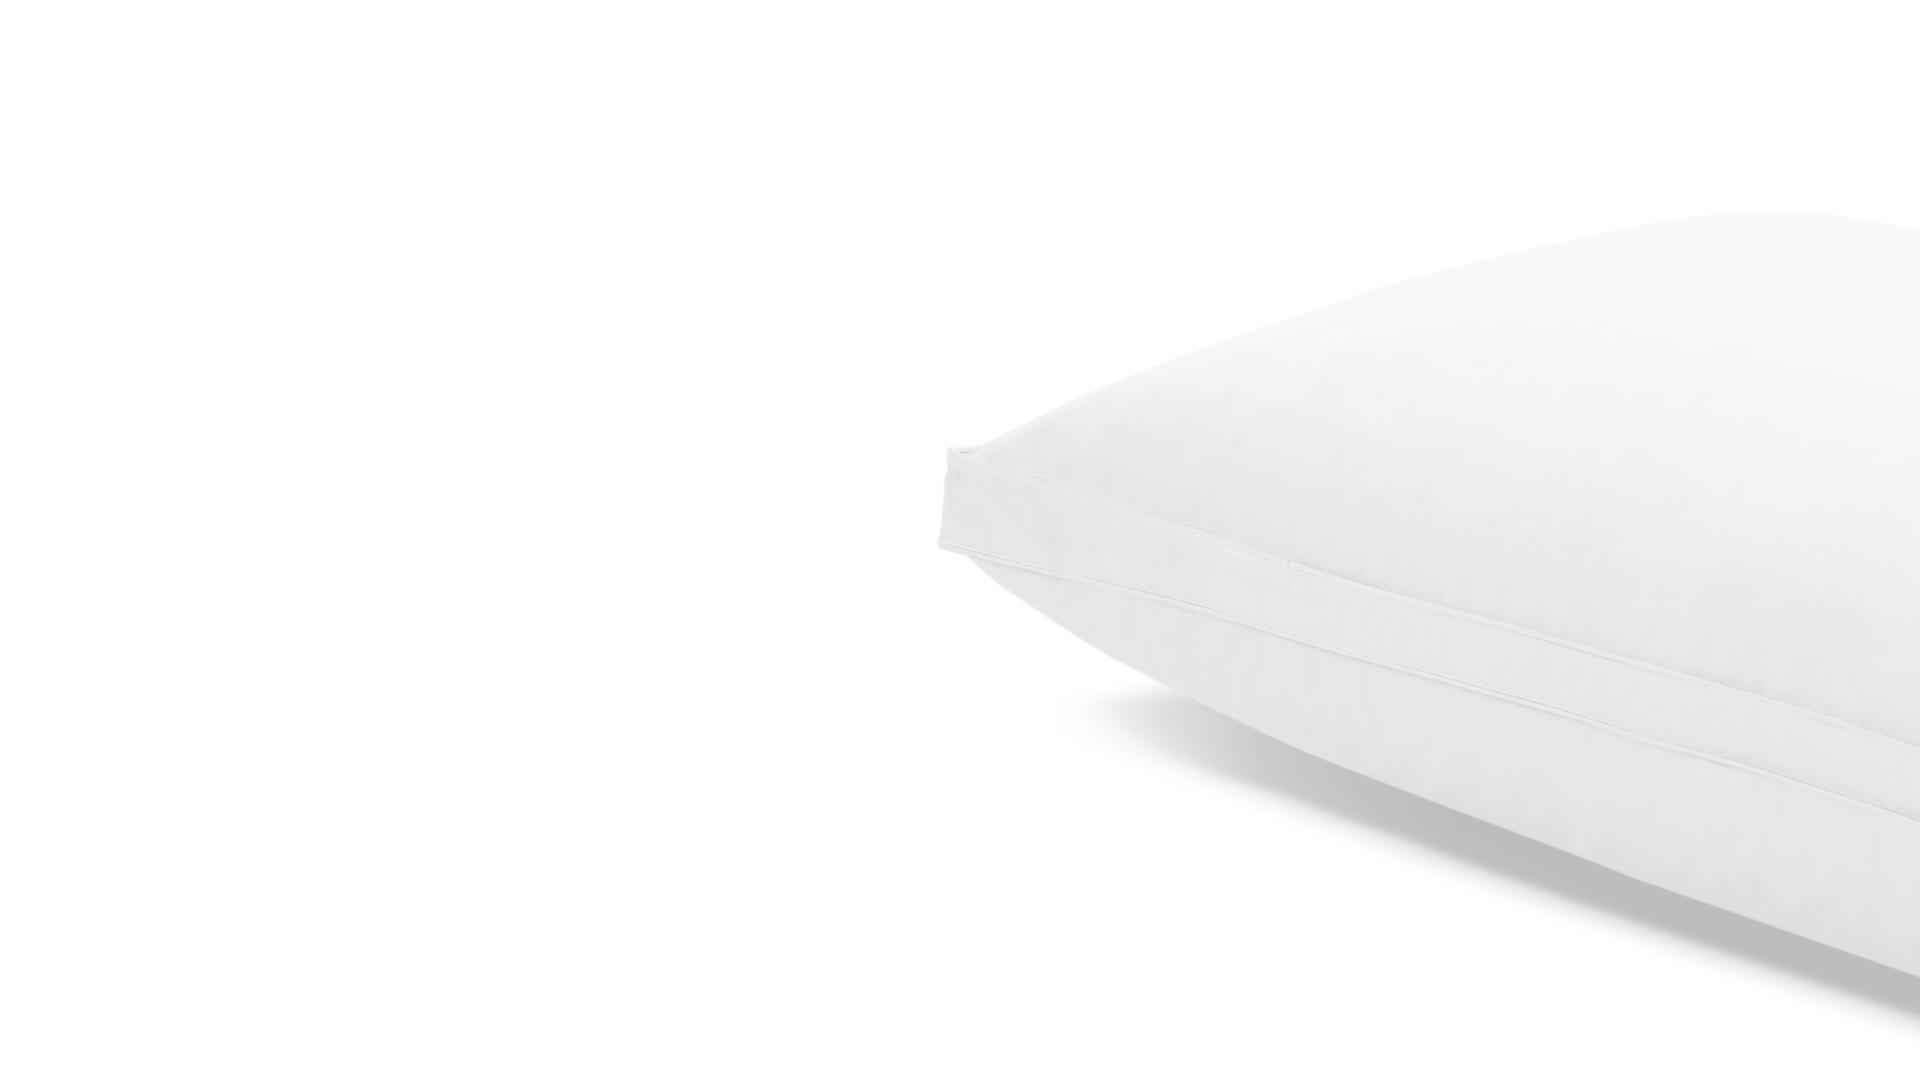 面料表层配备使用白色平纹防羽工艺处理,睡扁轻拍后的快速蓬松回弹,也不妨碍其牢牢锁住全芯填充。?x-oss-process=image/format,jpg/interlace,1